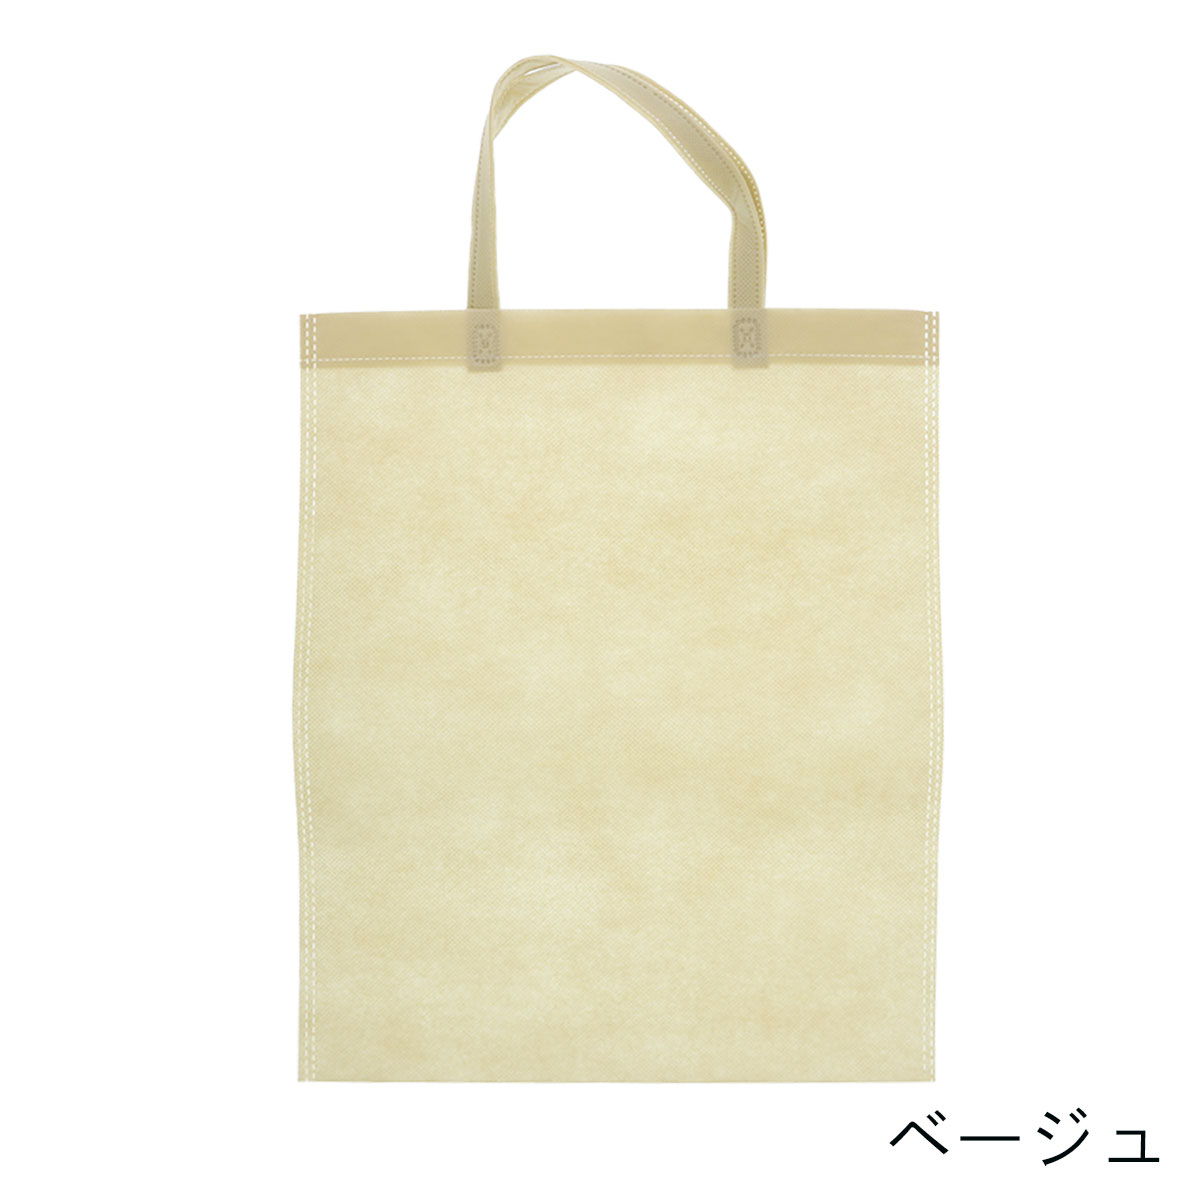 不織布 アドバッグA4縦型 持ち手付き(既製品)